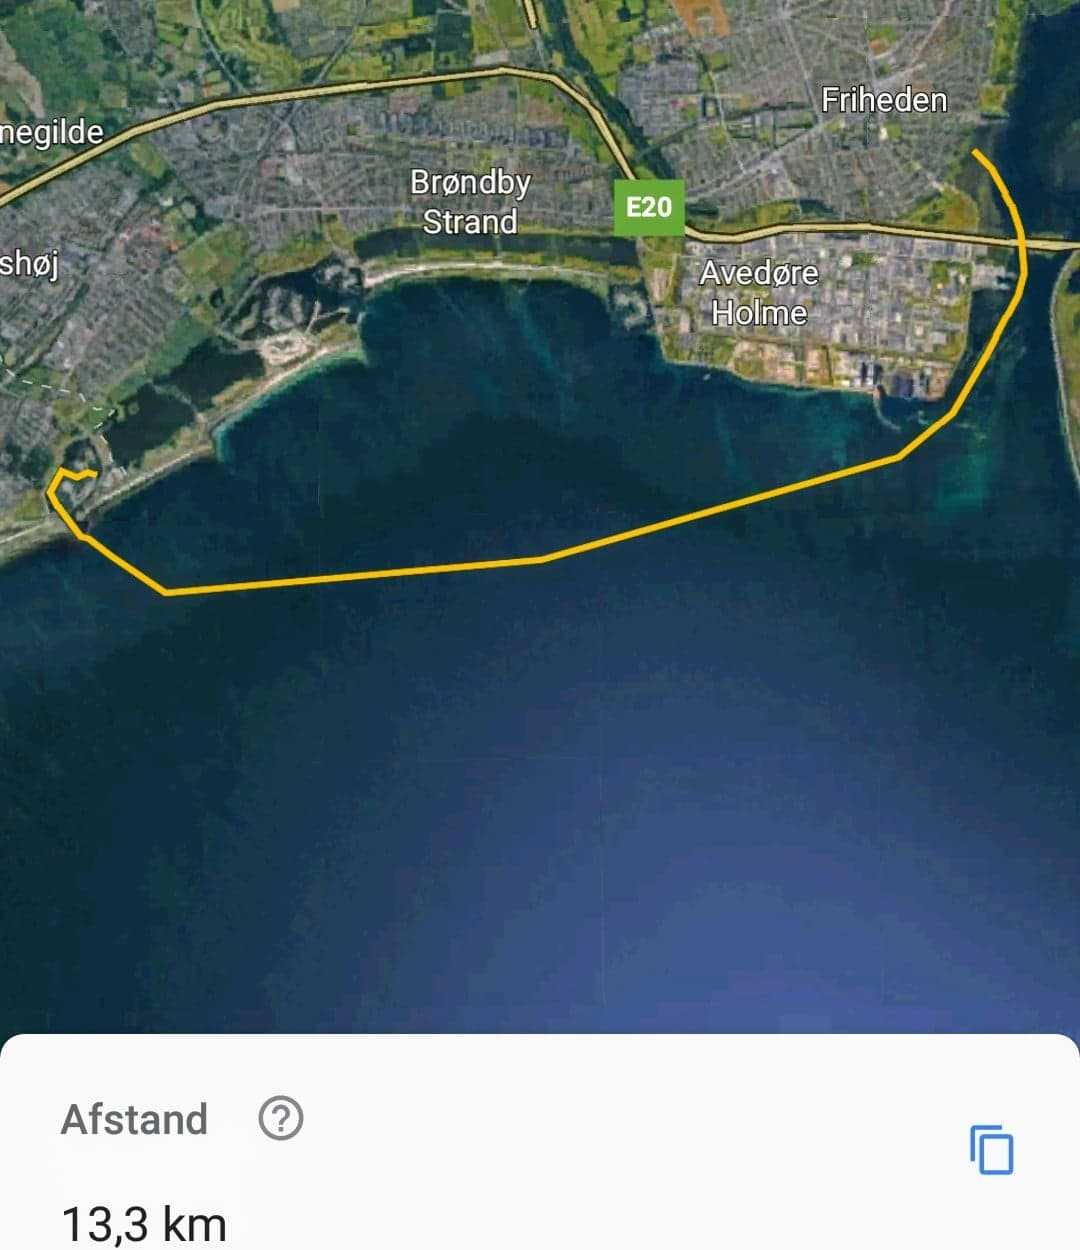 Hundige Havn -> Hvidovre Havn (13km) - Navn: Emma B.Vejrforhold (vind): SV, Vejrforhold (Styrke): 12m/s, Bølger: 0,5-1,5 mJeg roede i: Surfski, Jeg roede i: Nordic Kayaks, NitroDato: Oktober 2018Jeg gik i ved: Bro i Hundige Havn, Jeg gik op ved: Hvidovre GrundejerforeningDel din erfaring og oplevelse: Køge bugt kan noget. Det er dejligt bølgerne bygger sig op og bliver større og større. Man skal dog altid være opmærksom på de mange fiskenet udenfor Ørsted og at bølgerne begynder at 'lege' og være drilske ved Ørsted. Det kan være træls at ro ind gennem Kalveboderne, da du har sidevind og det er lavt når du skal ind til Kalveboderne.